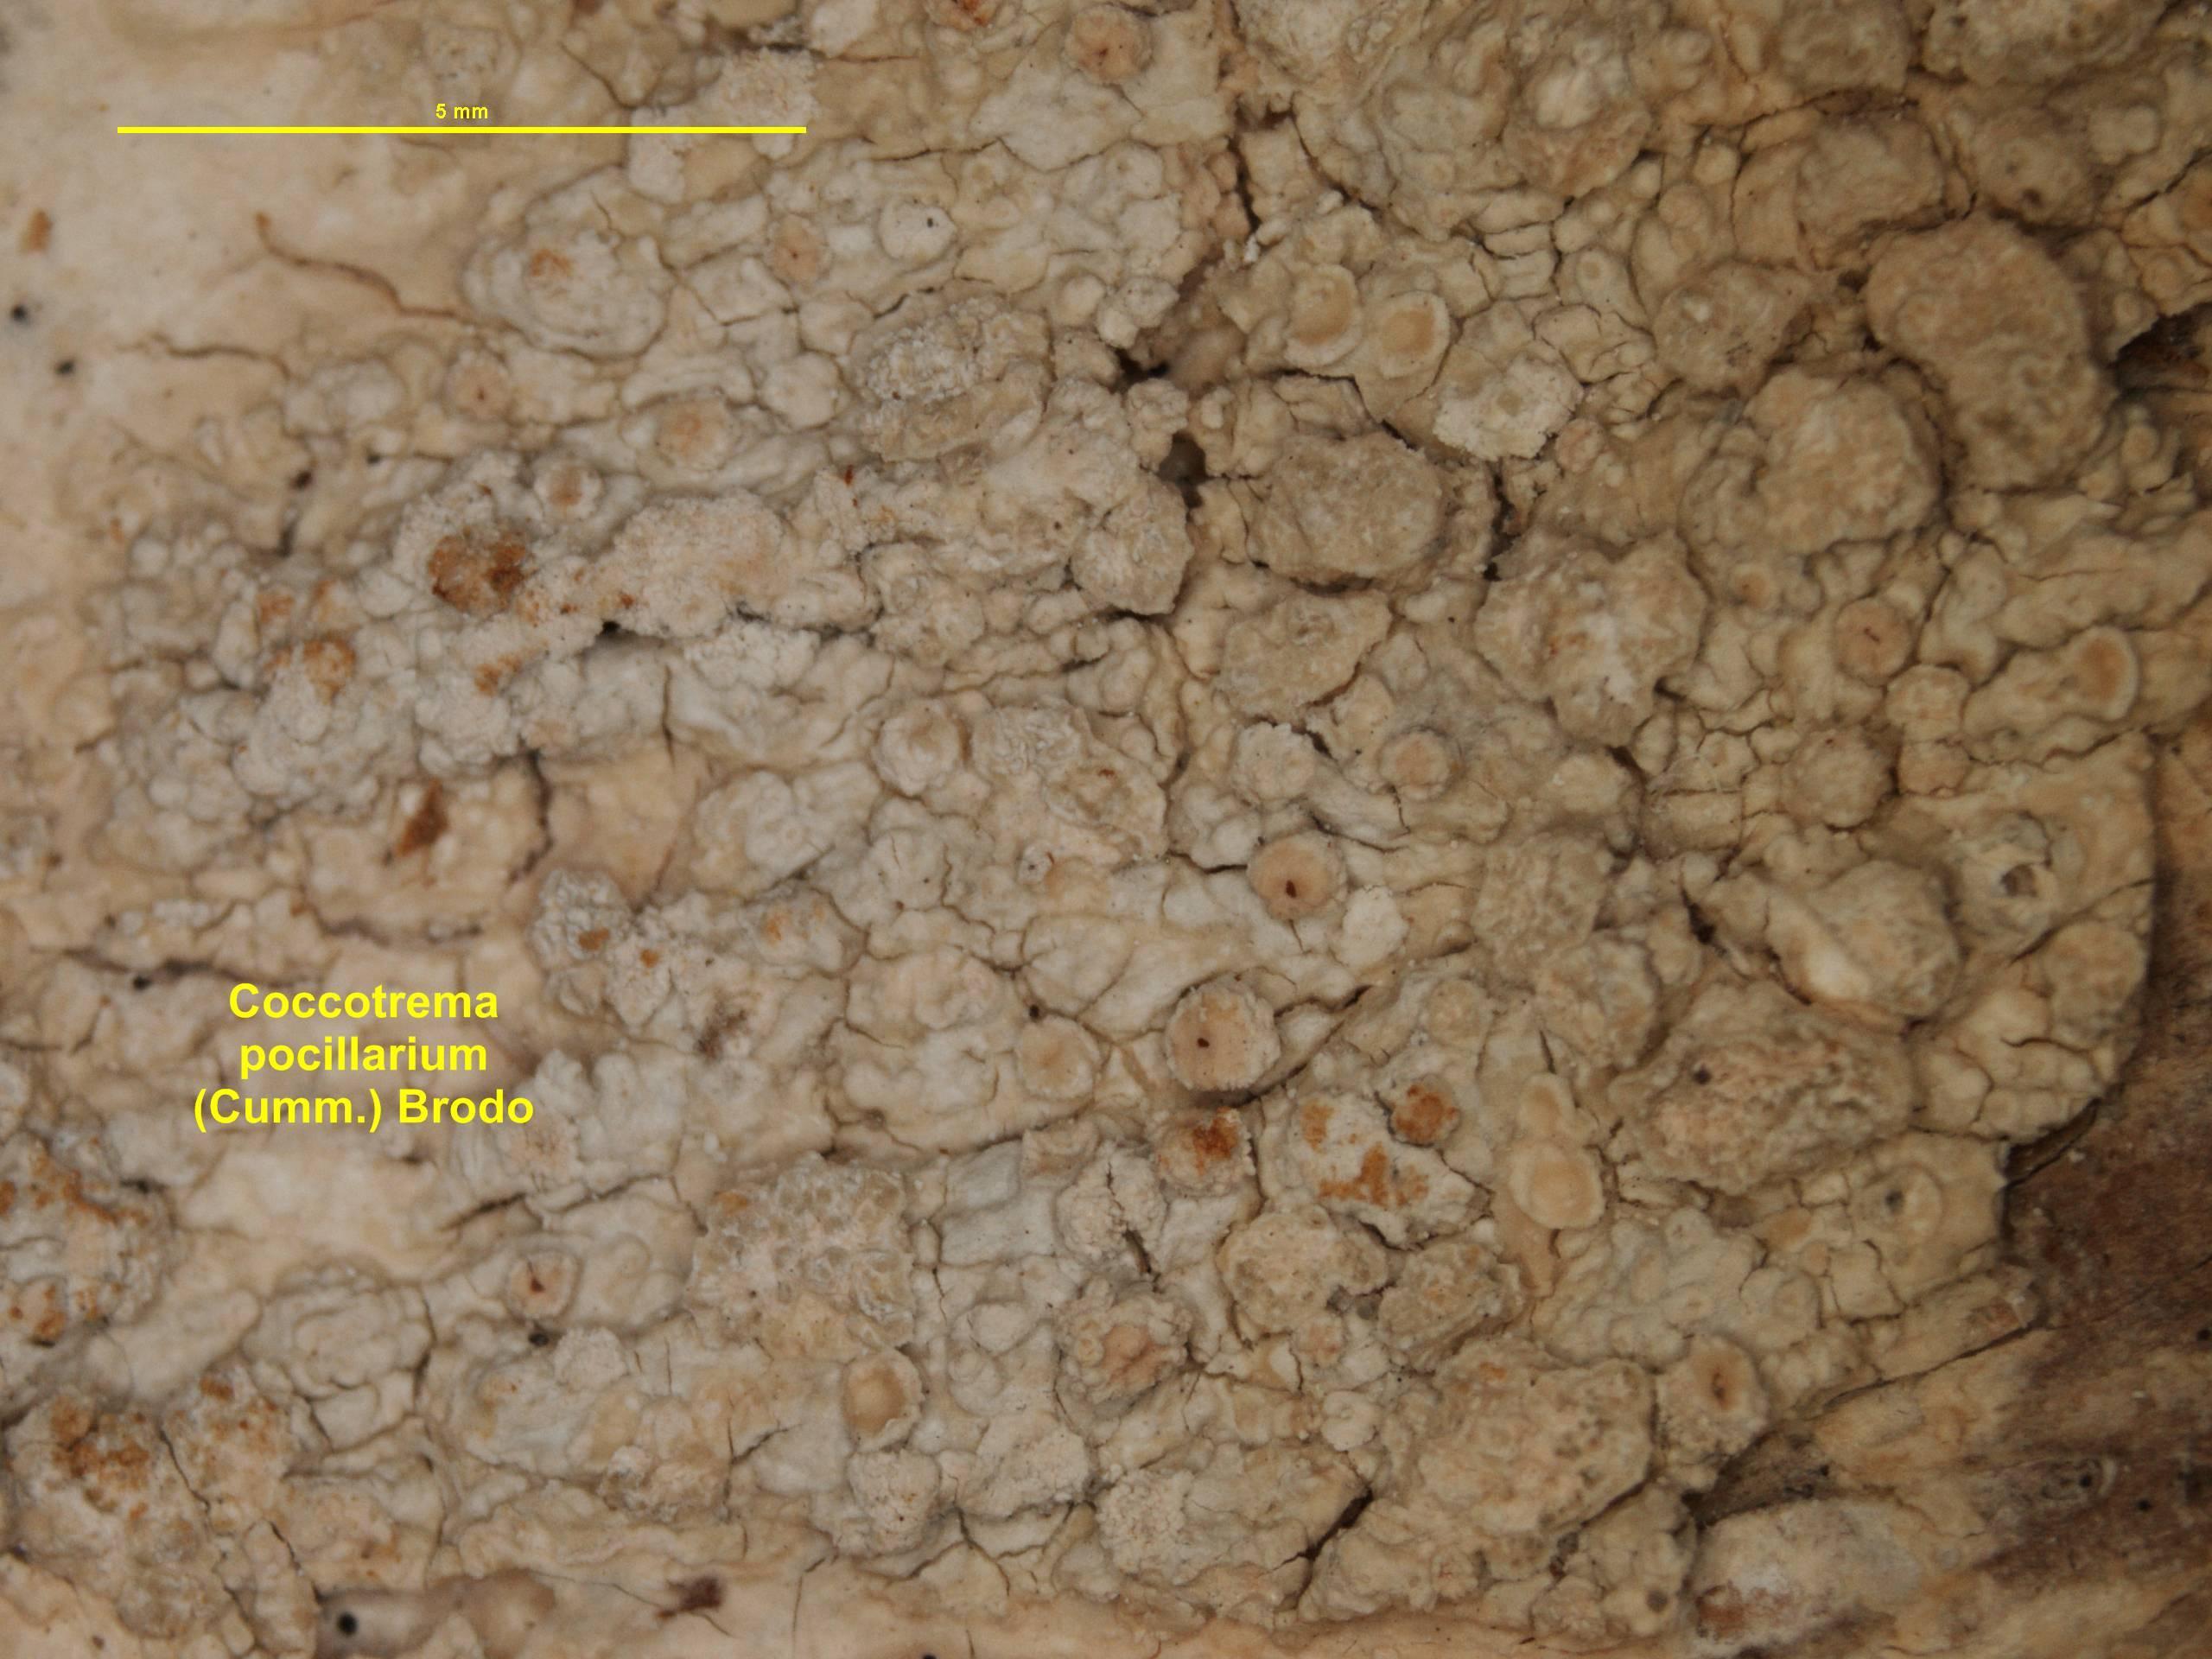 Image of coccotrema lichen